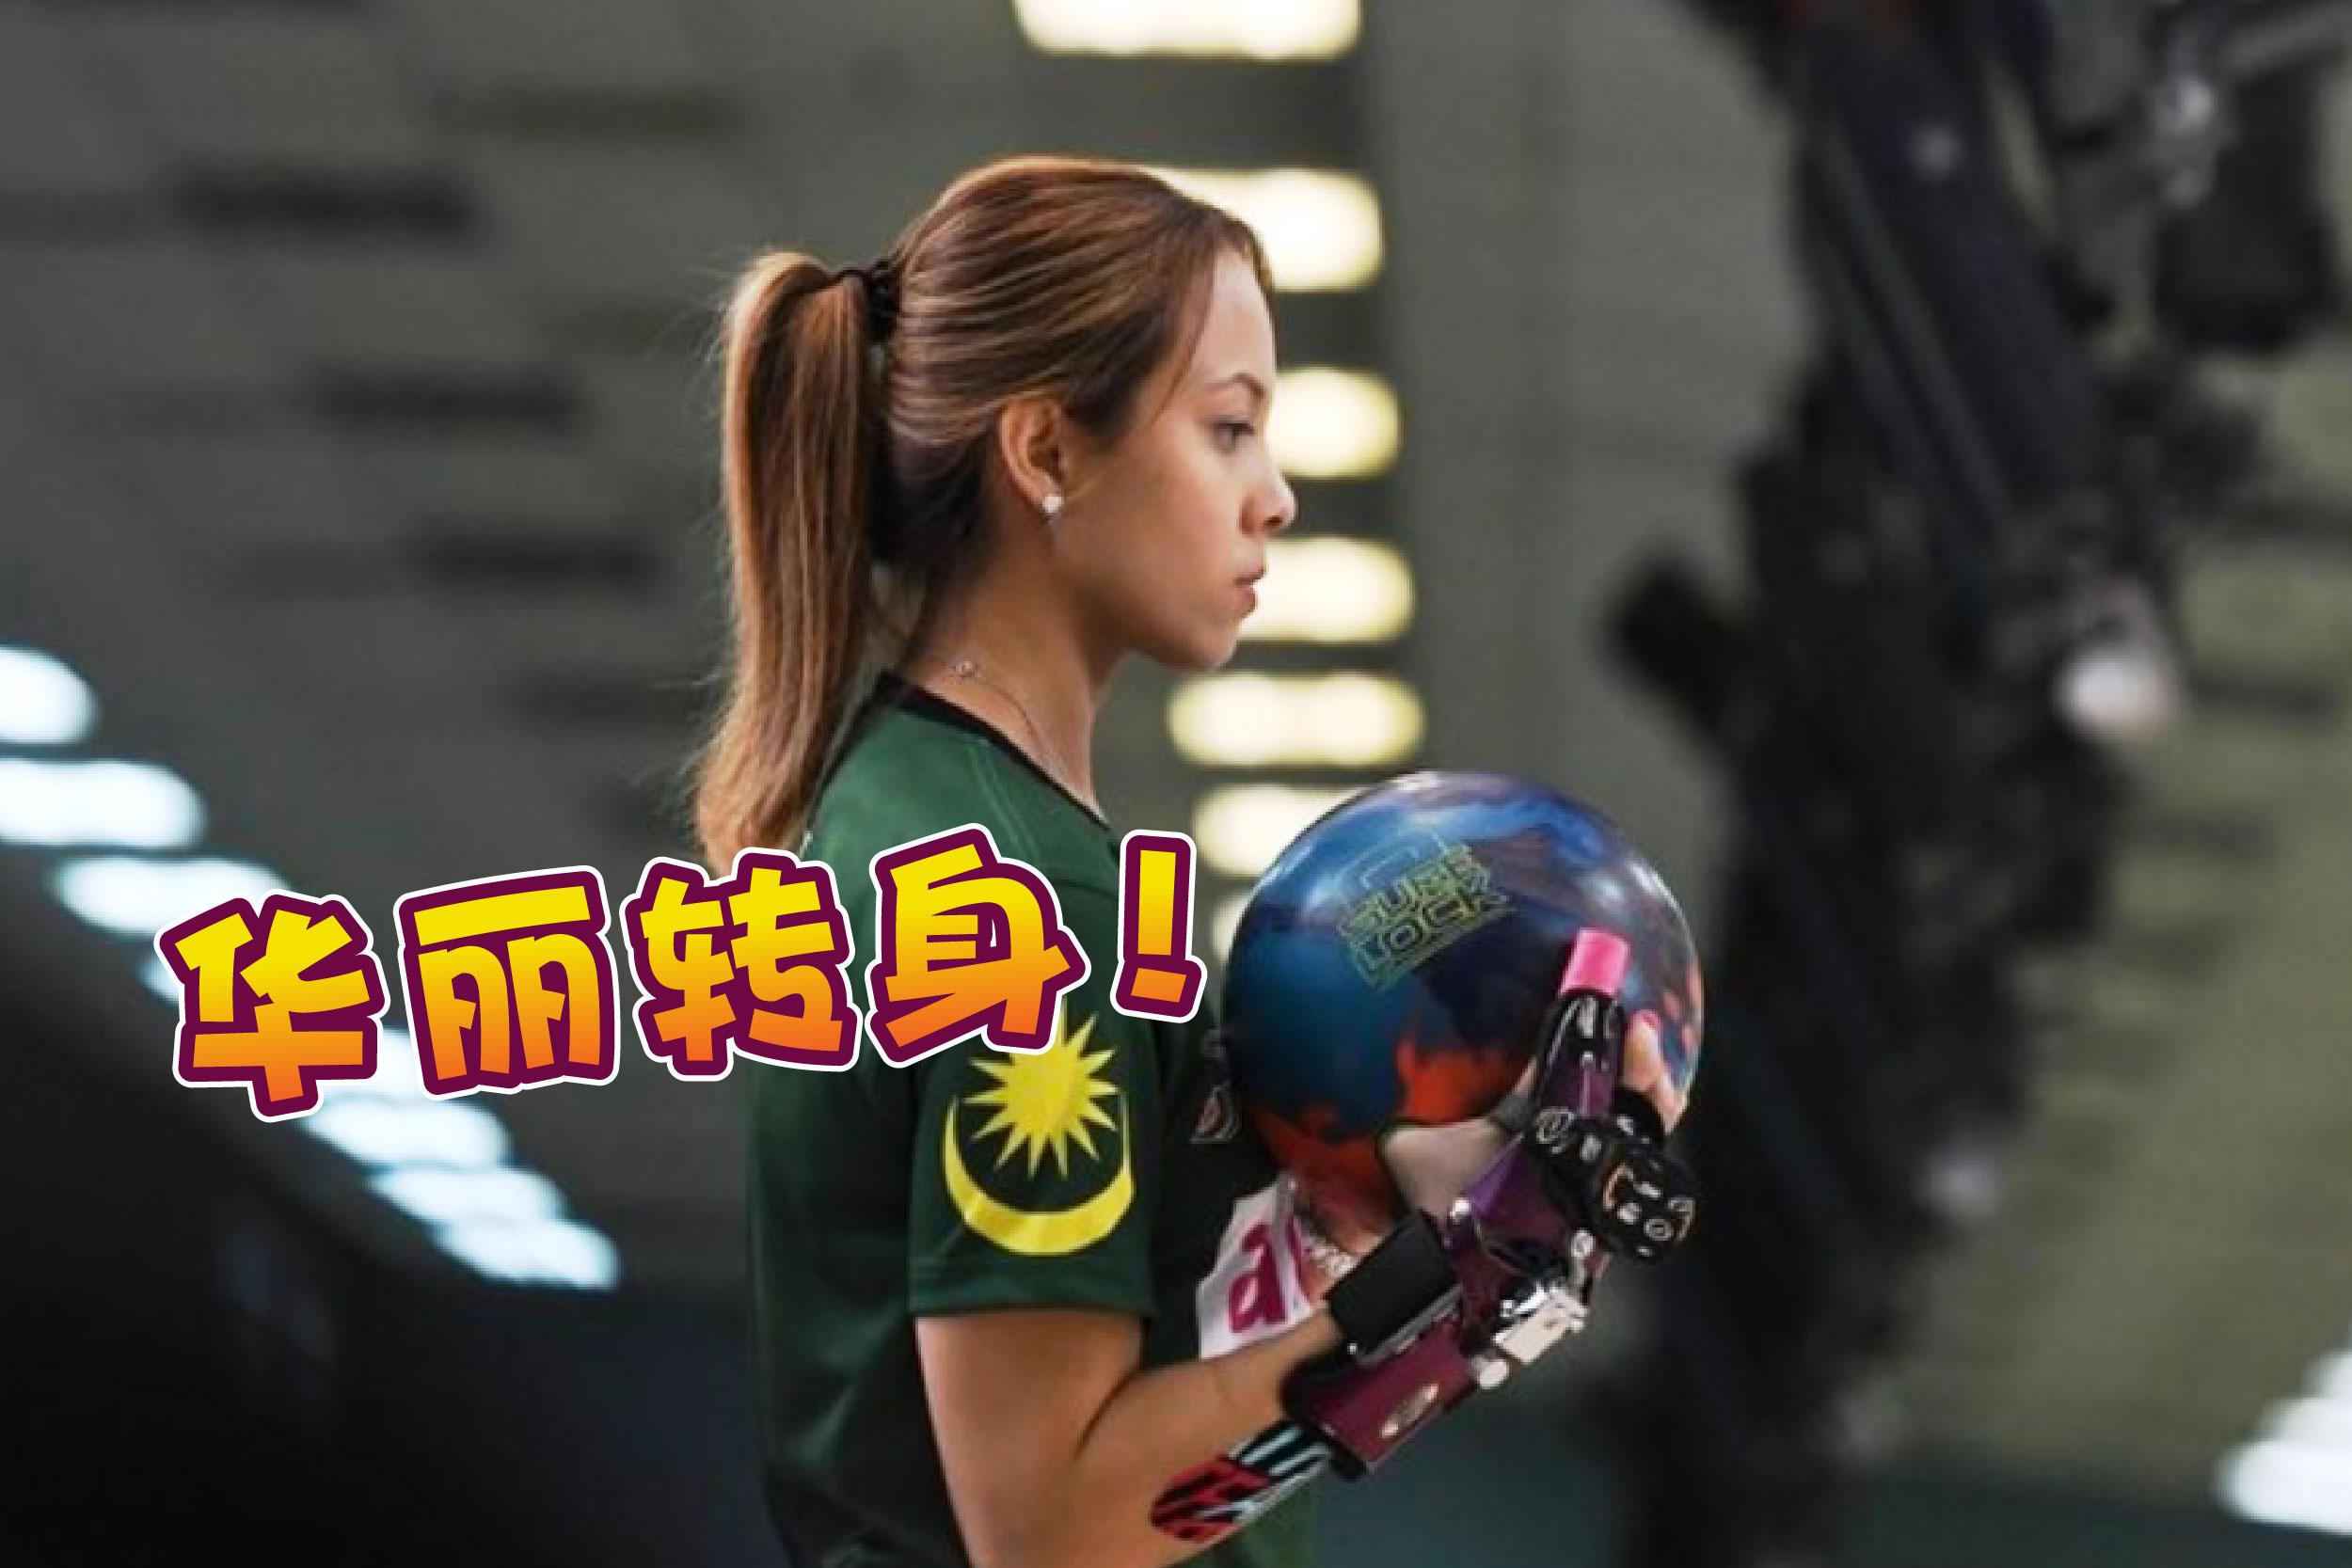 一场疫情让大马保龄球美女选手塞达杜决定退役,转跑道当KOL。-马新社/精彩大马制图-